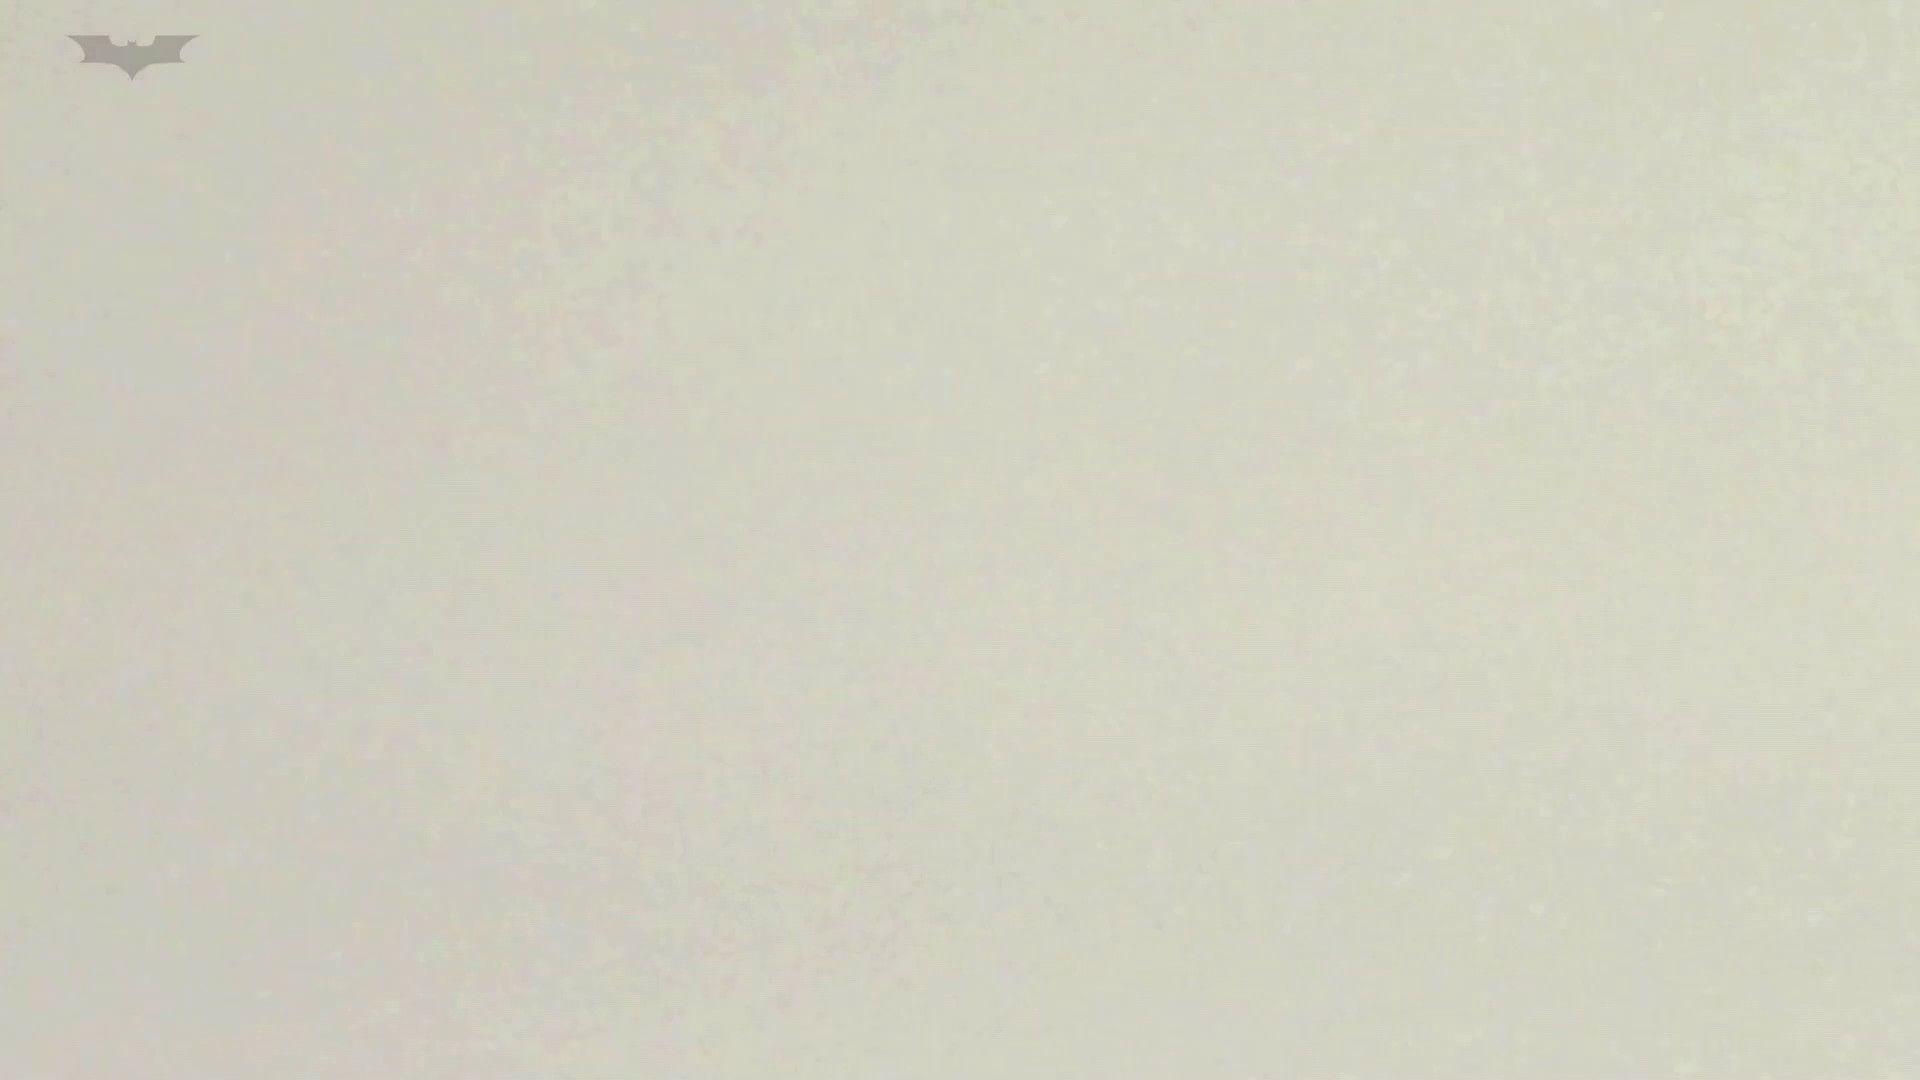 トイレ盗撮 第三体育館潜入撮File021進化2【2015・10位】 怪盗ジョーカー